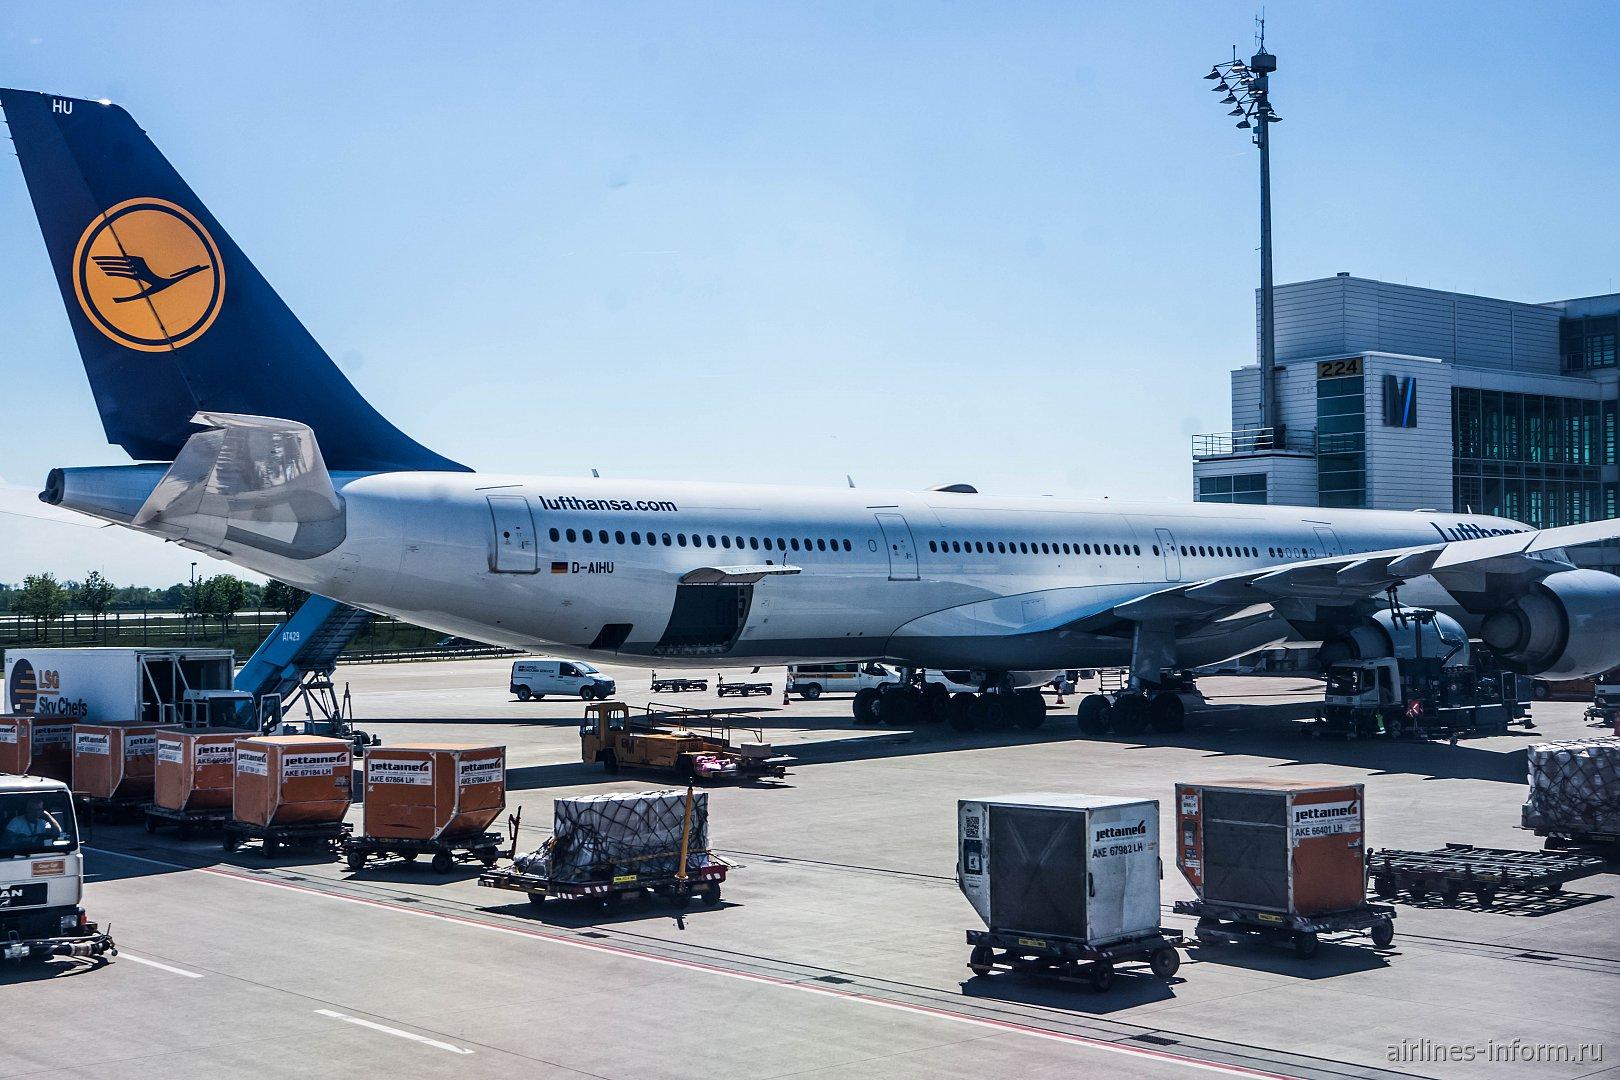 Airbus A340-600 ������������ Lufthansa � ��������� ������